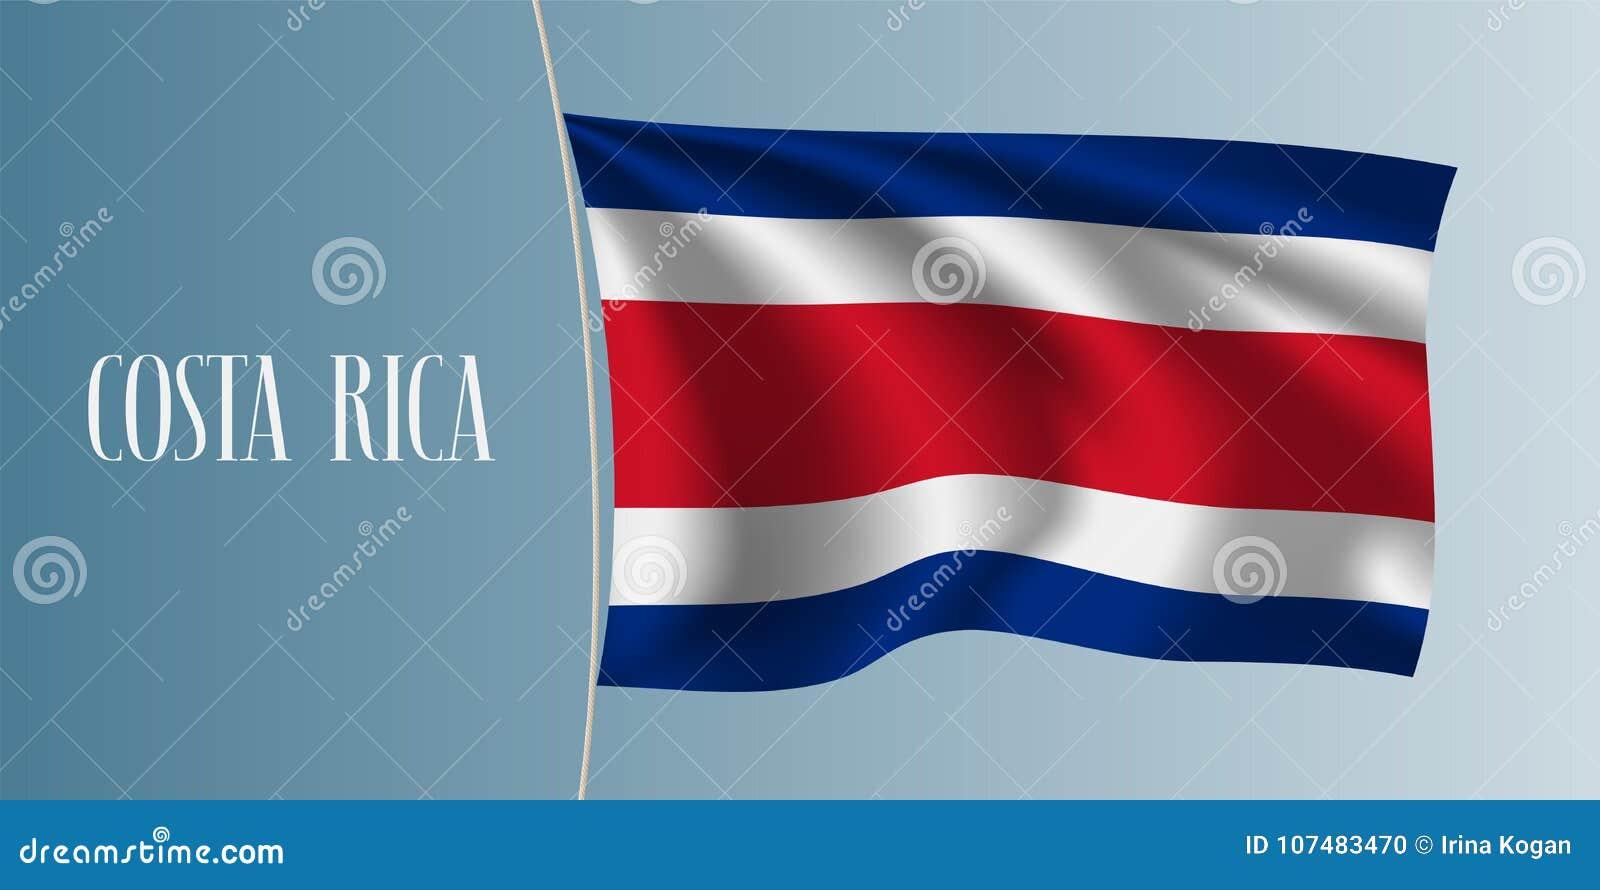 Costa Rica waving flag vector illustration